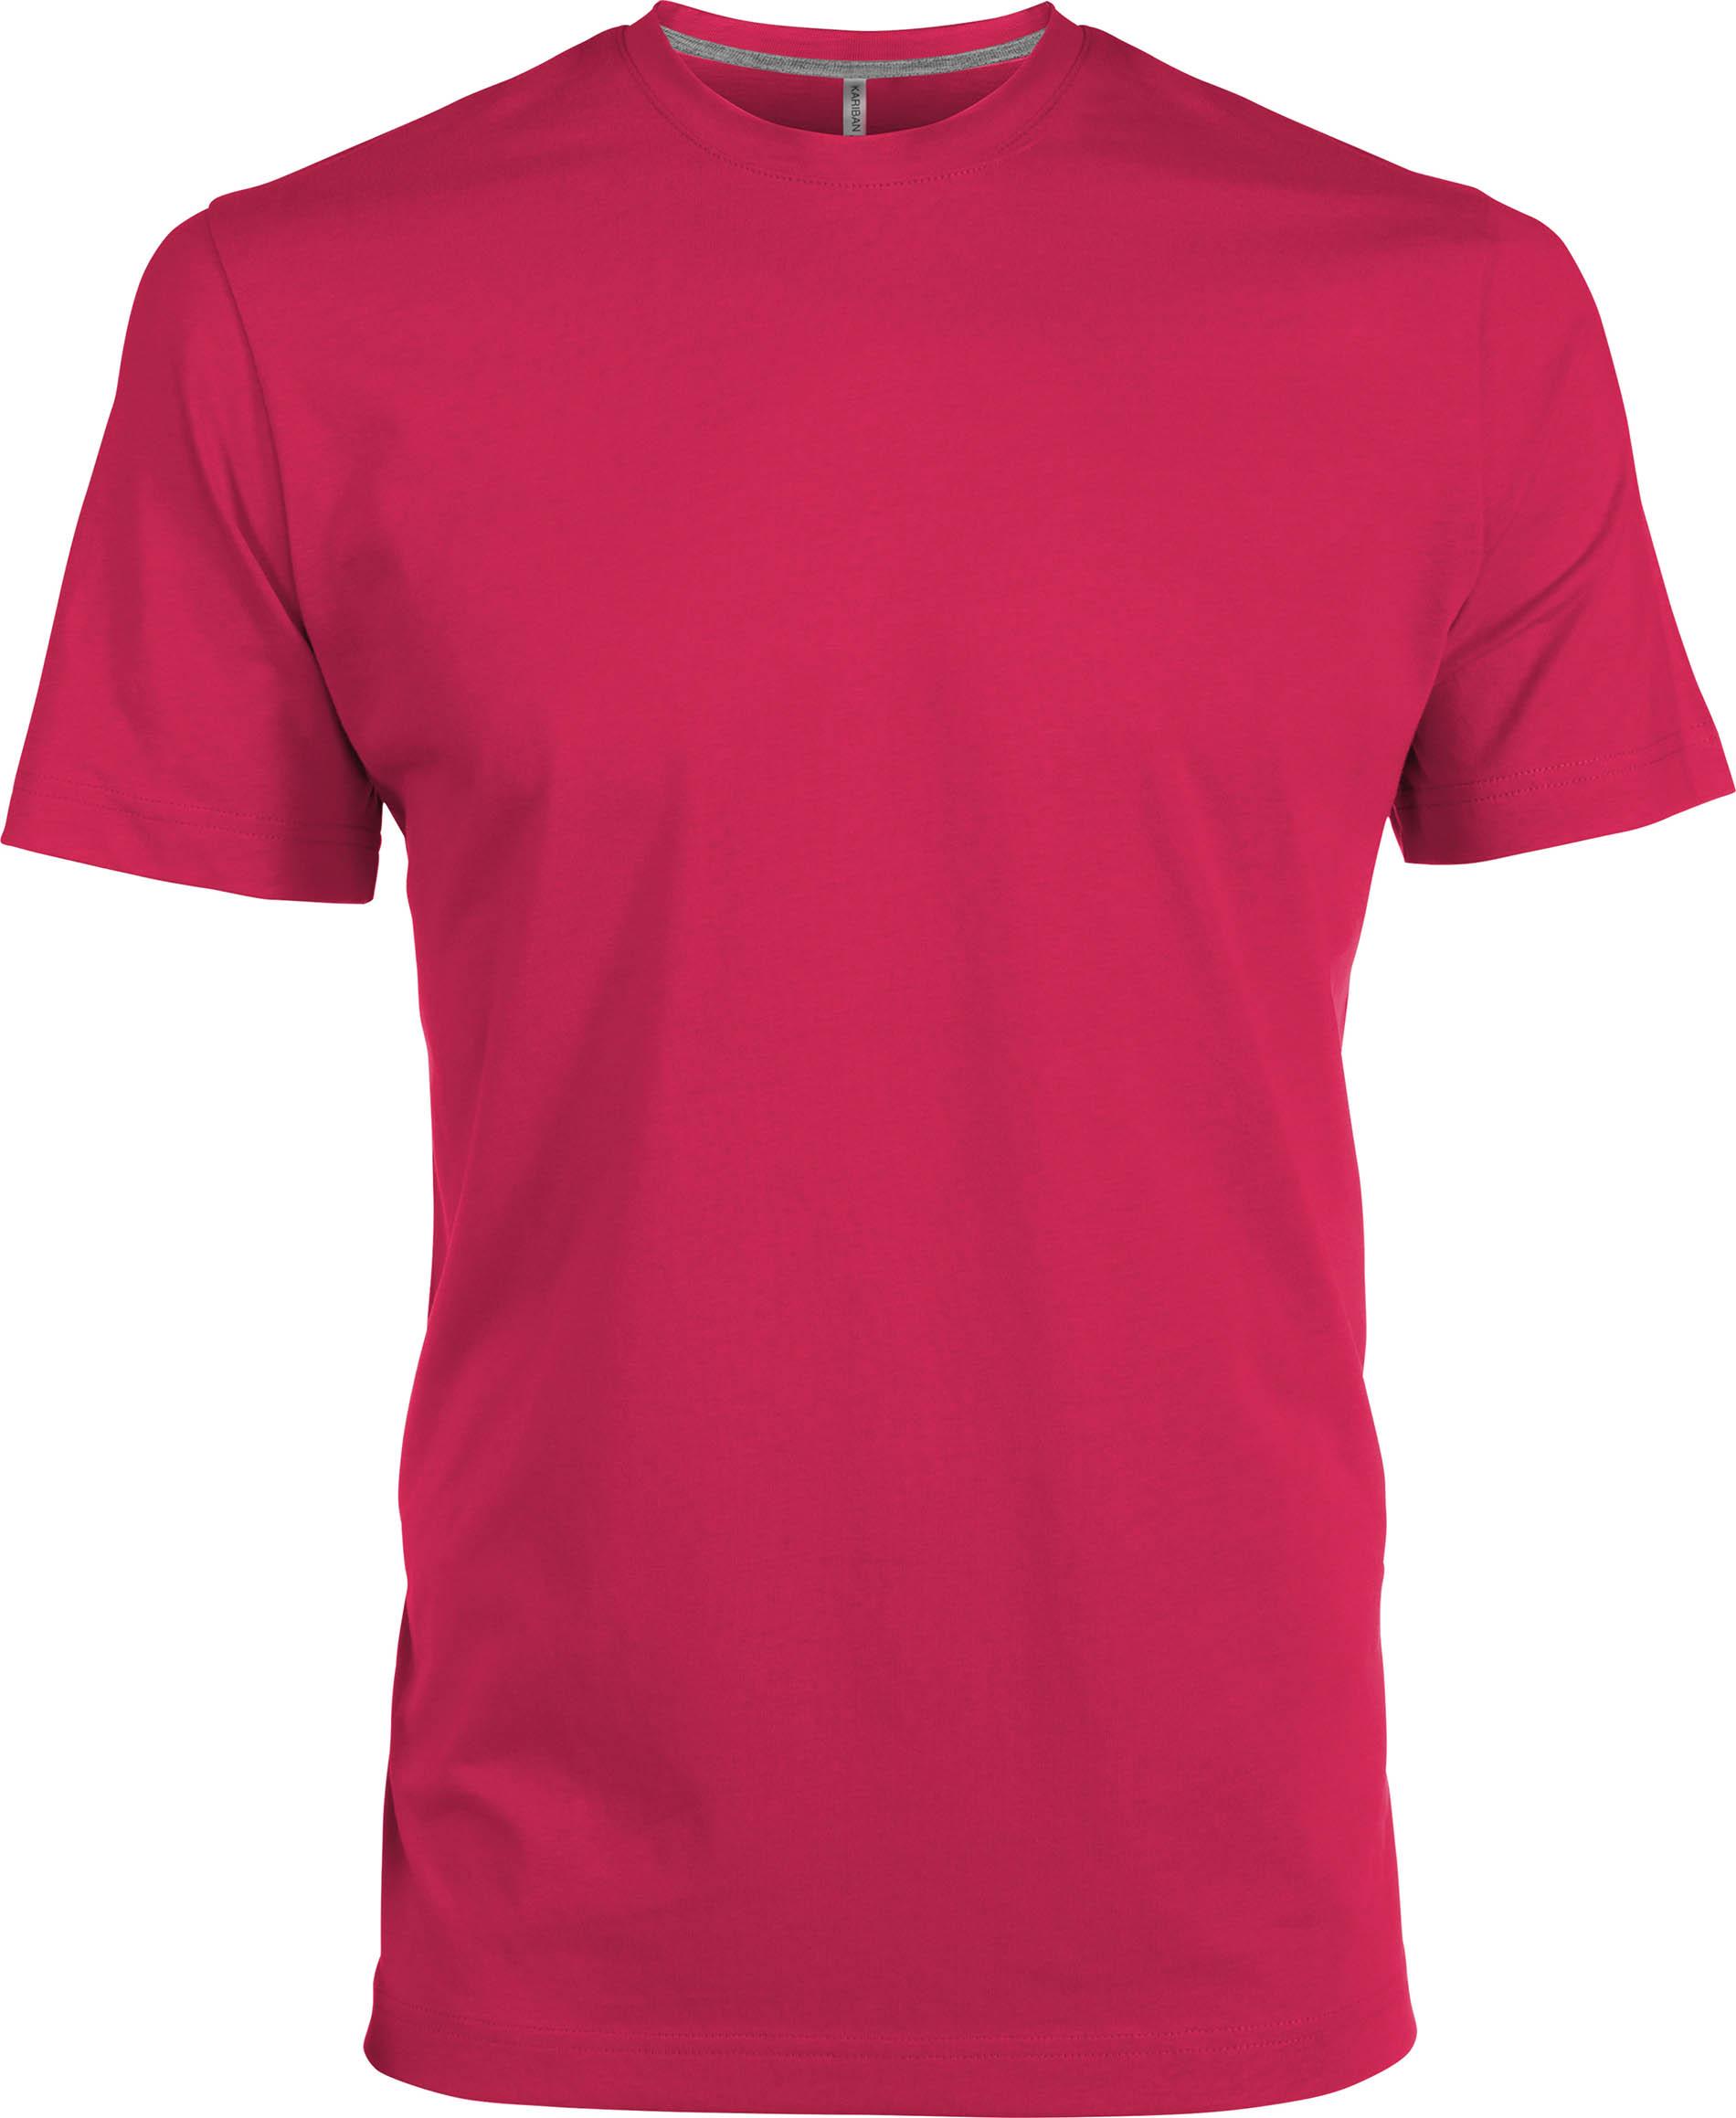 T-paita K356 Fuksia